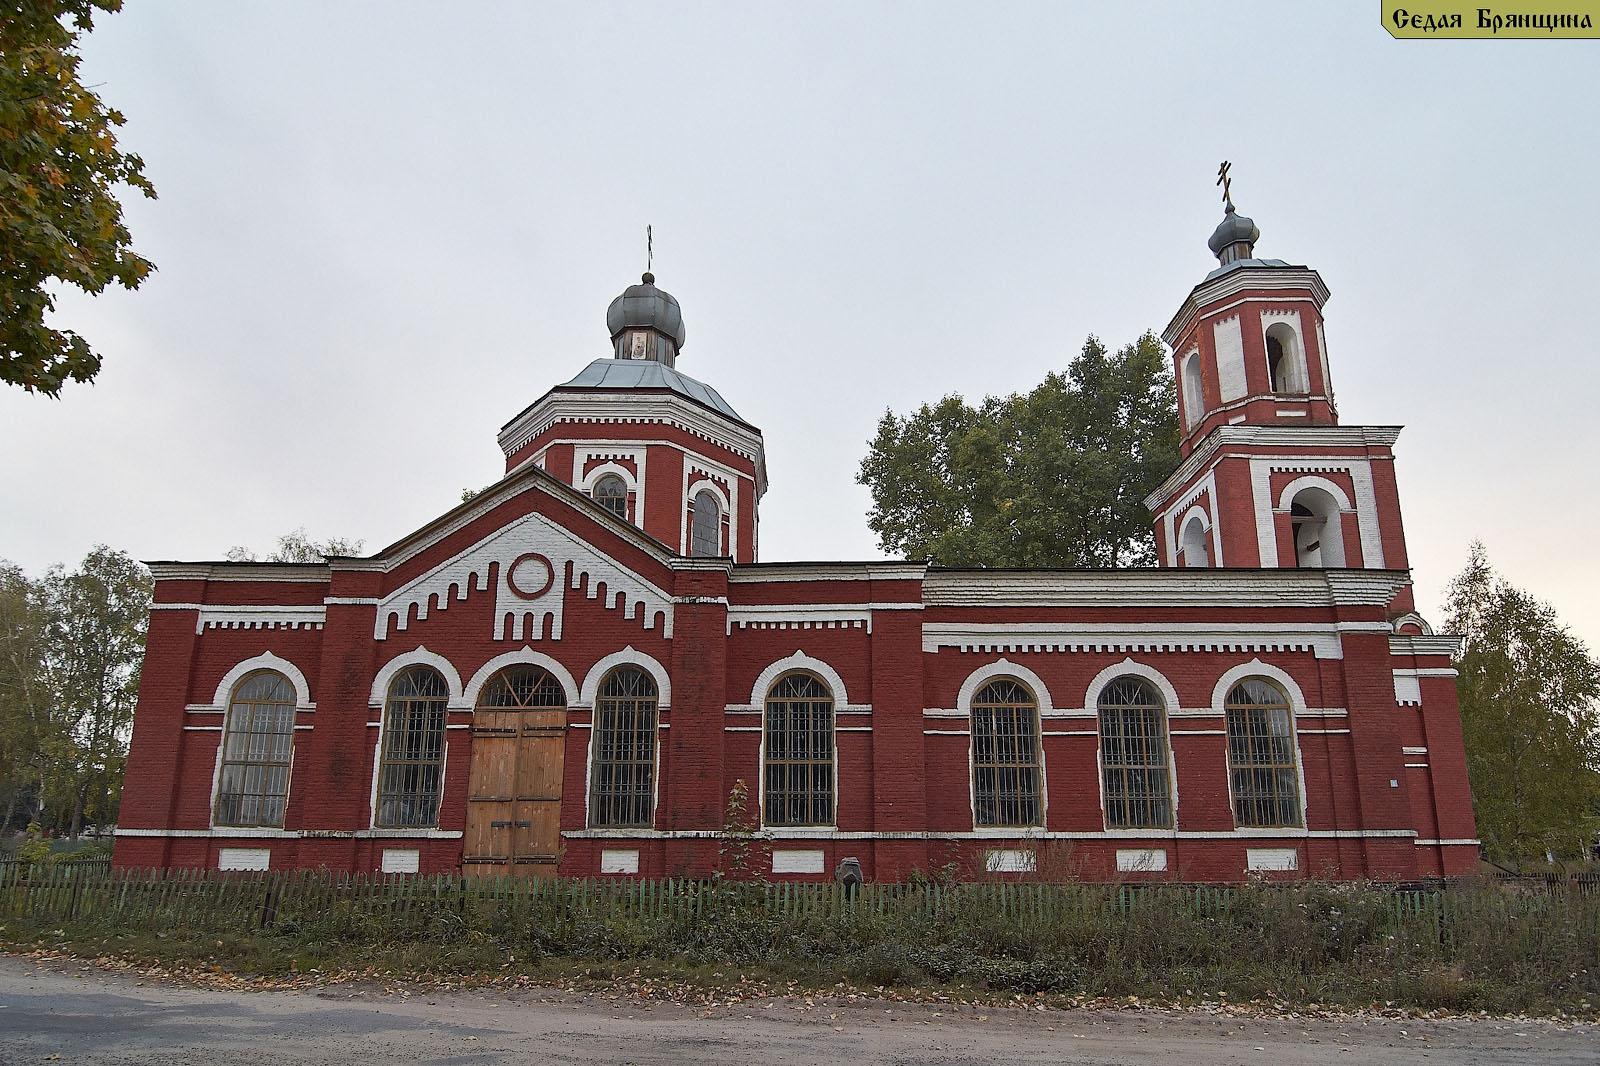 Плюсково. Церковь Петра и Павла